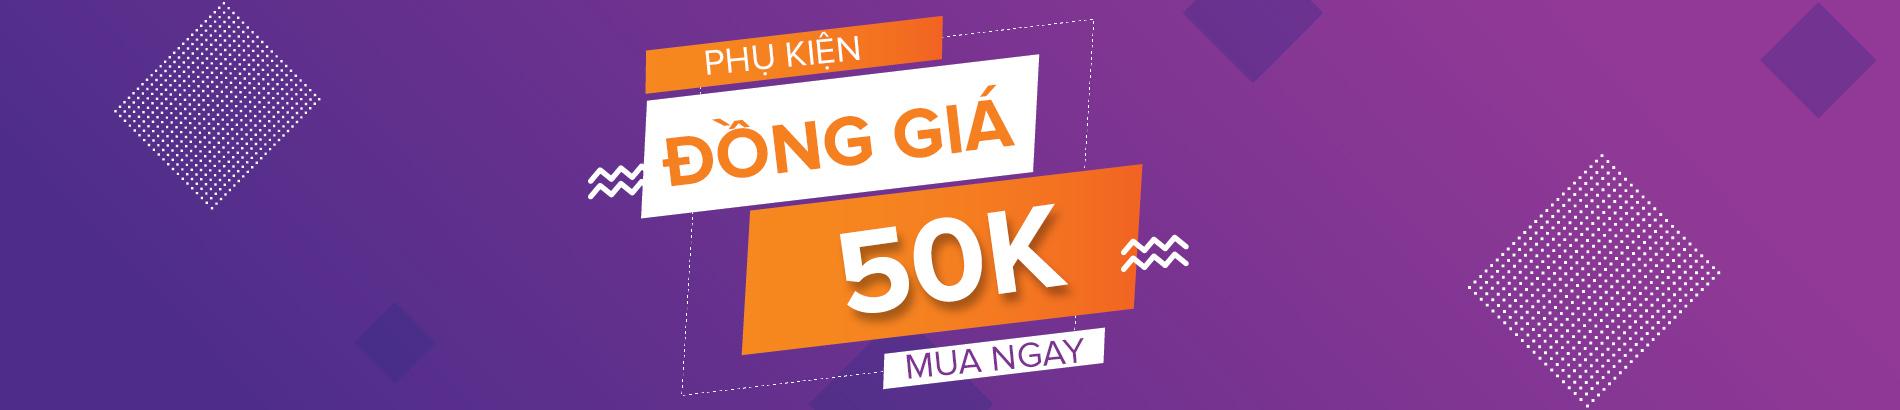 Đồng Giá 50K